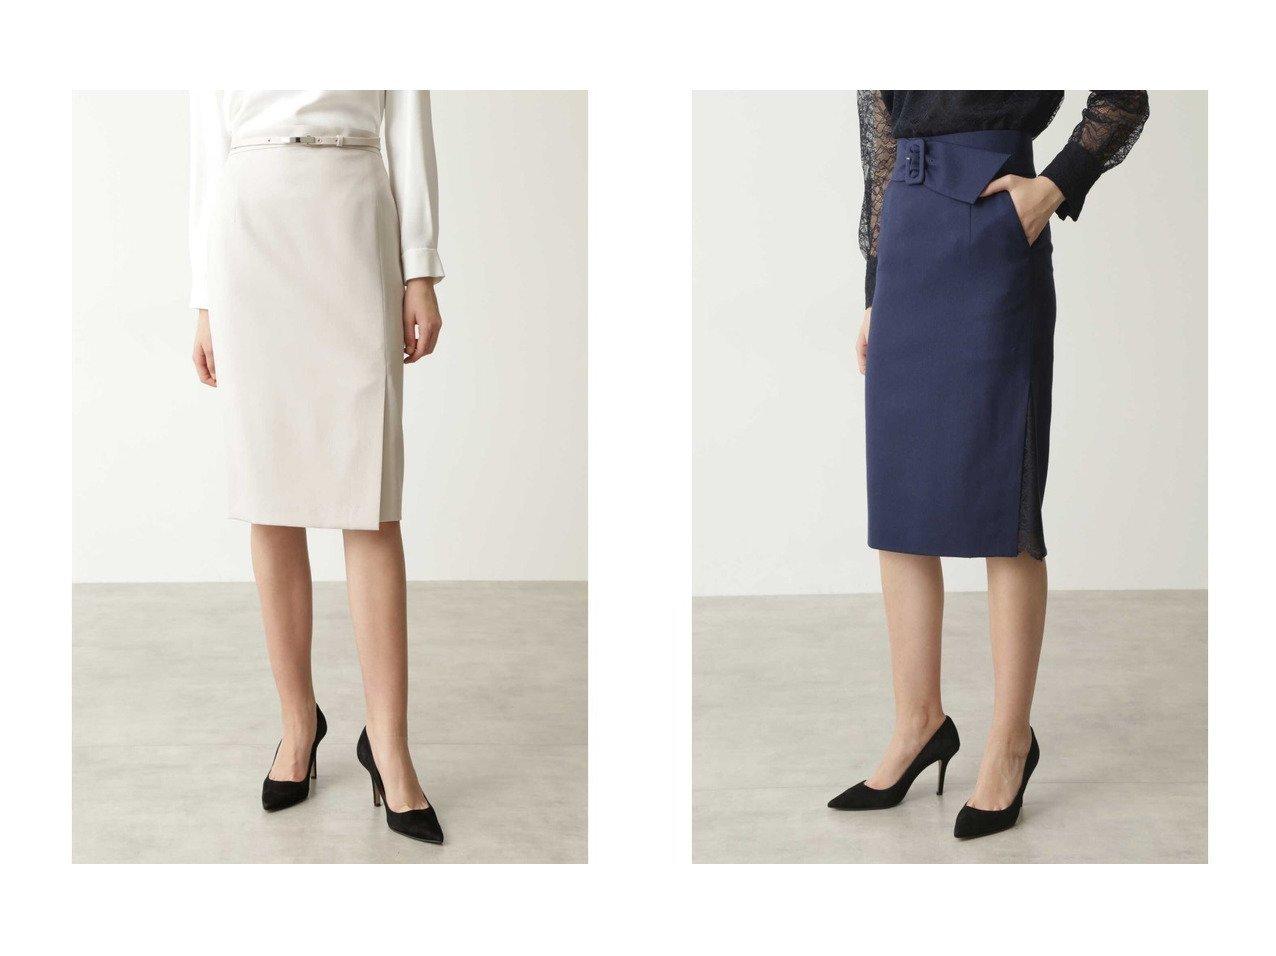 【Pinky&Dianne/ピンキーアンドダイアン】のスリットレースフラノスカート&ウールセットアップスカート スカートのおすすめ!人気、トレンド・レディースファッションの通販  おすすめで人気の流行・トレンド、ファッションの通販商品 メンズファッション・キッズファッション・インテリア・家具・レディースファッション・服の通販 founy(ファニー) https://founy.com/ ファッション Fashion レディースファッション WOMEN セットアップ Setup スカート Skirt スカート Skirt ジャケット セットアップ ツイル スリット タイトスカート レース |ID:crp329100000009687